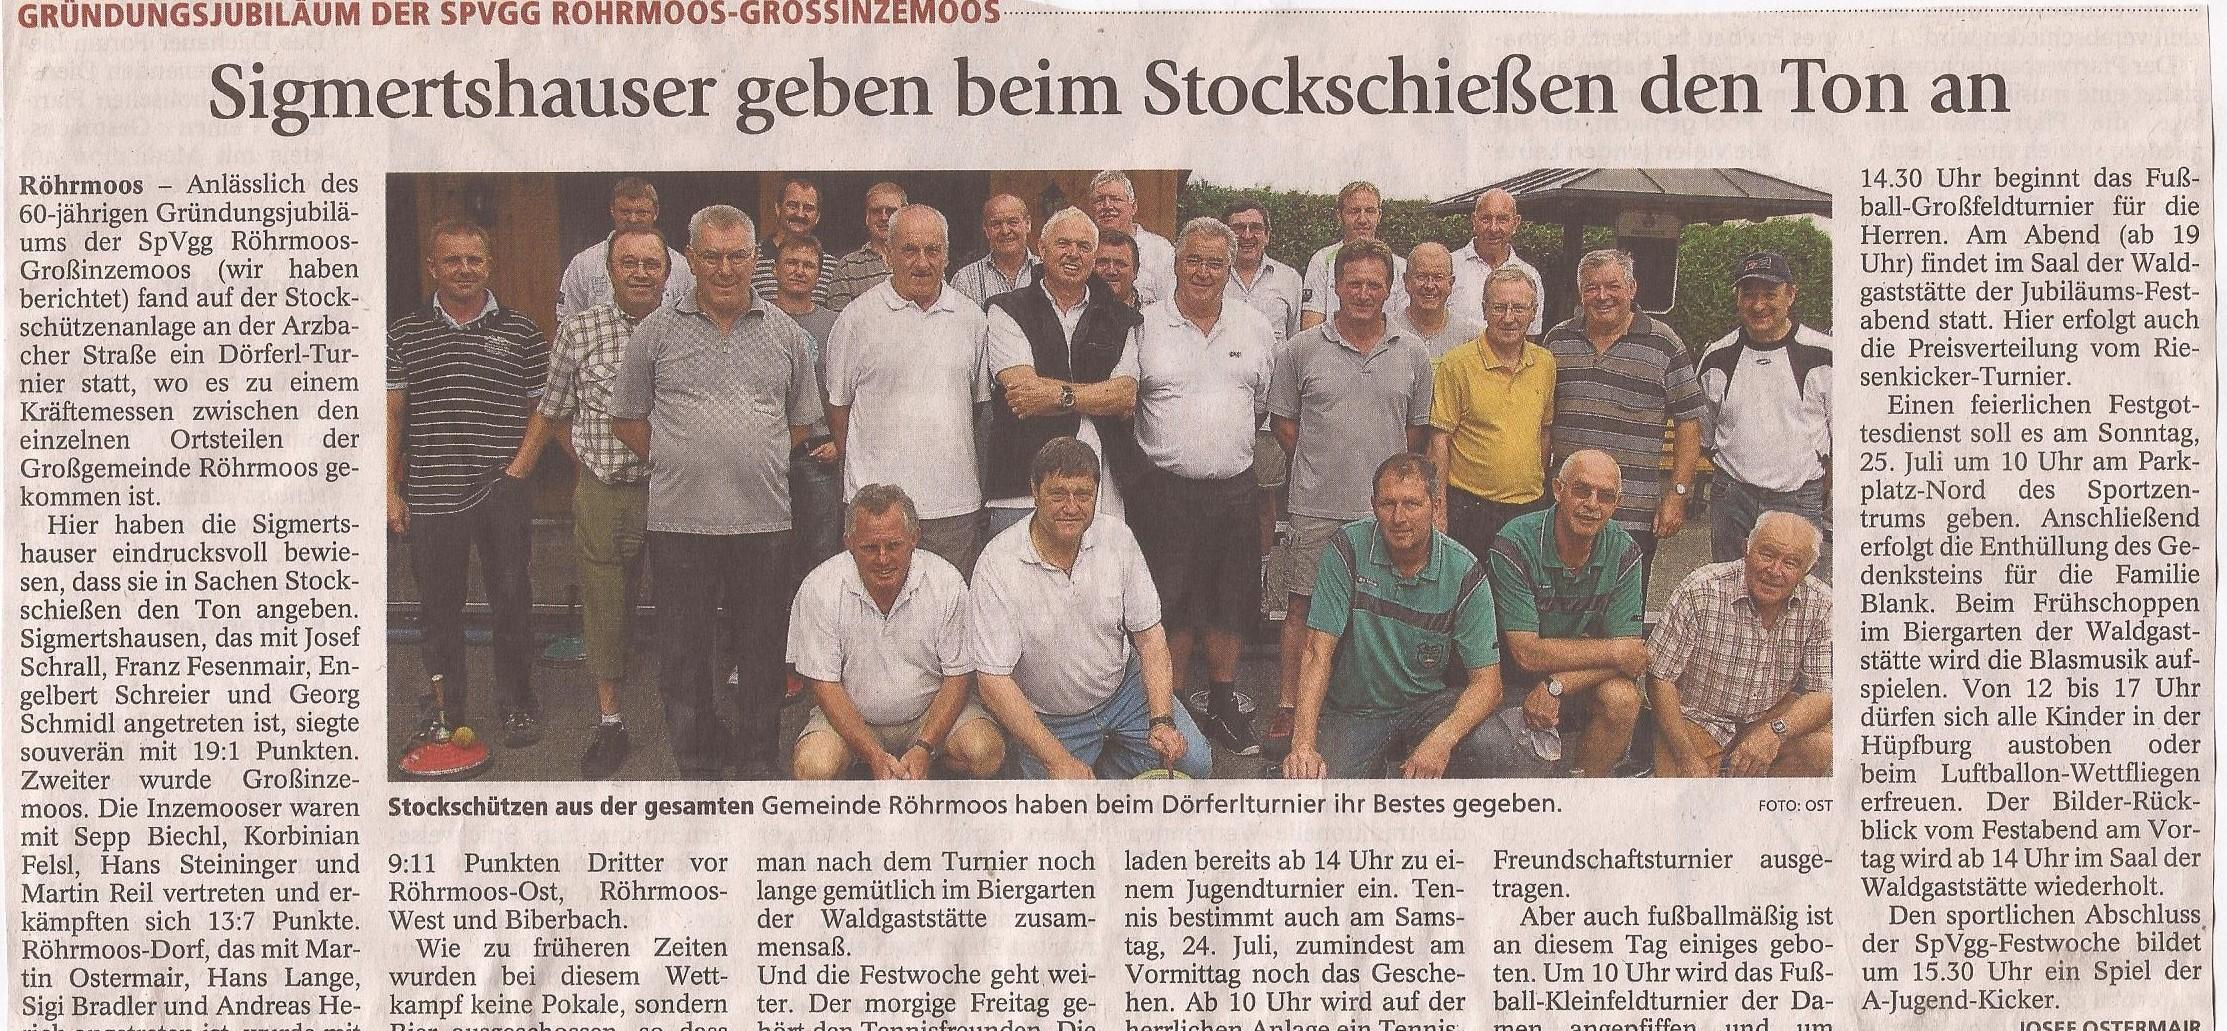 2010-07-23-Sigmertshauser geben beim